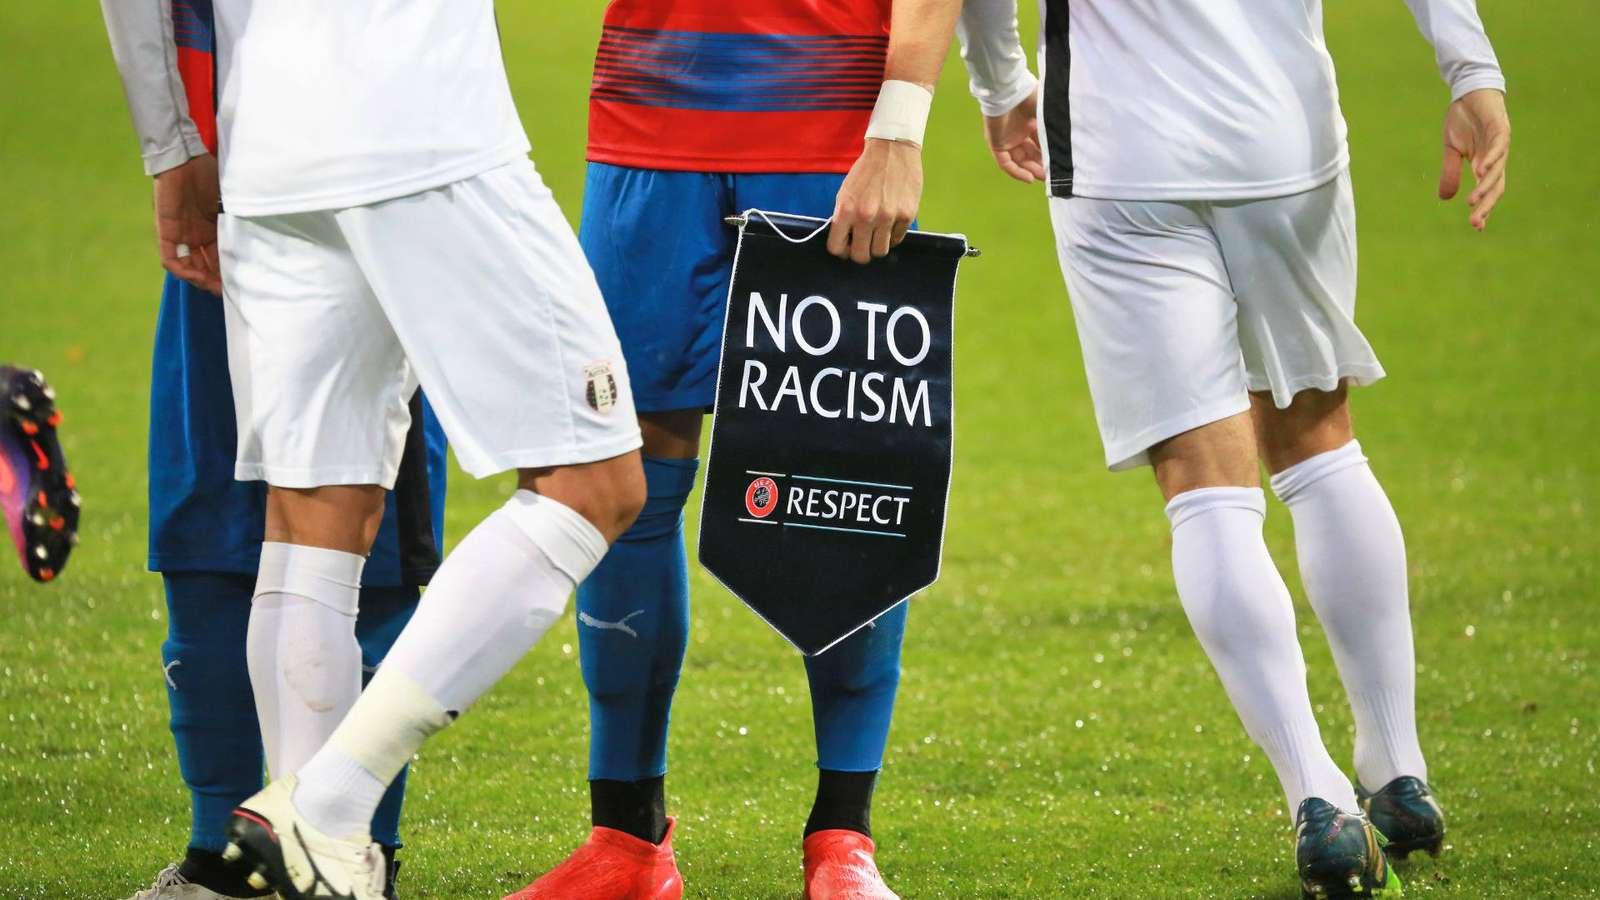 nor_racism.jpg